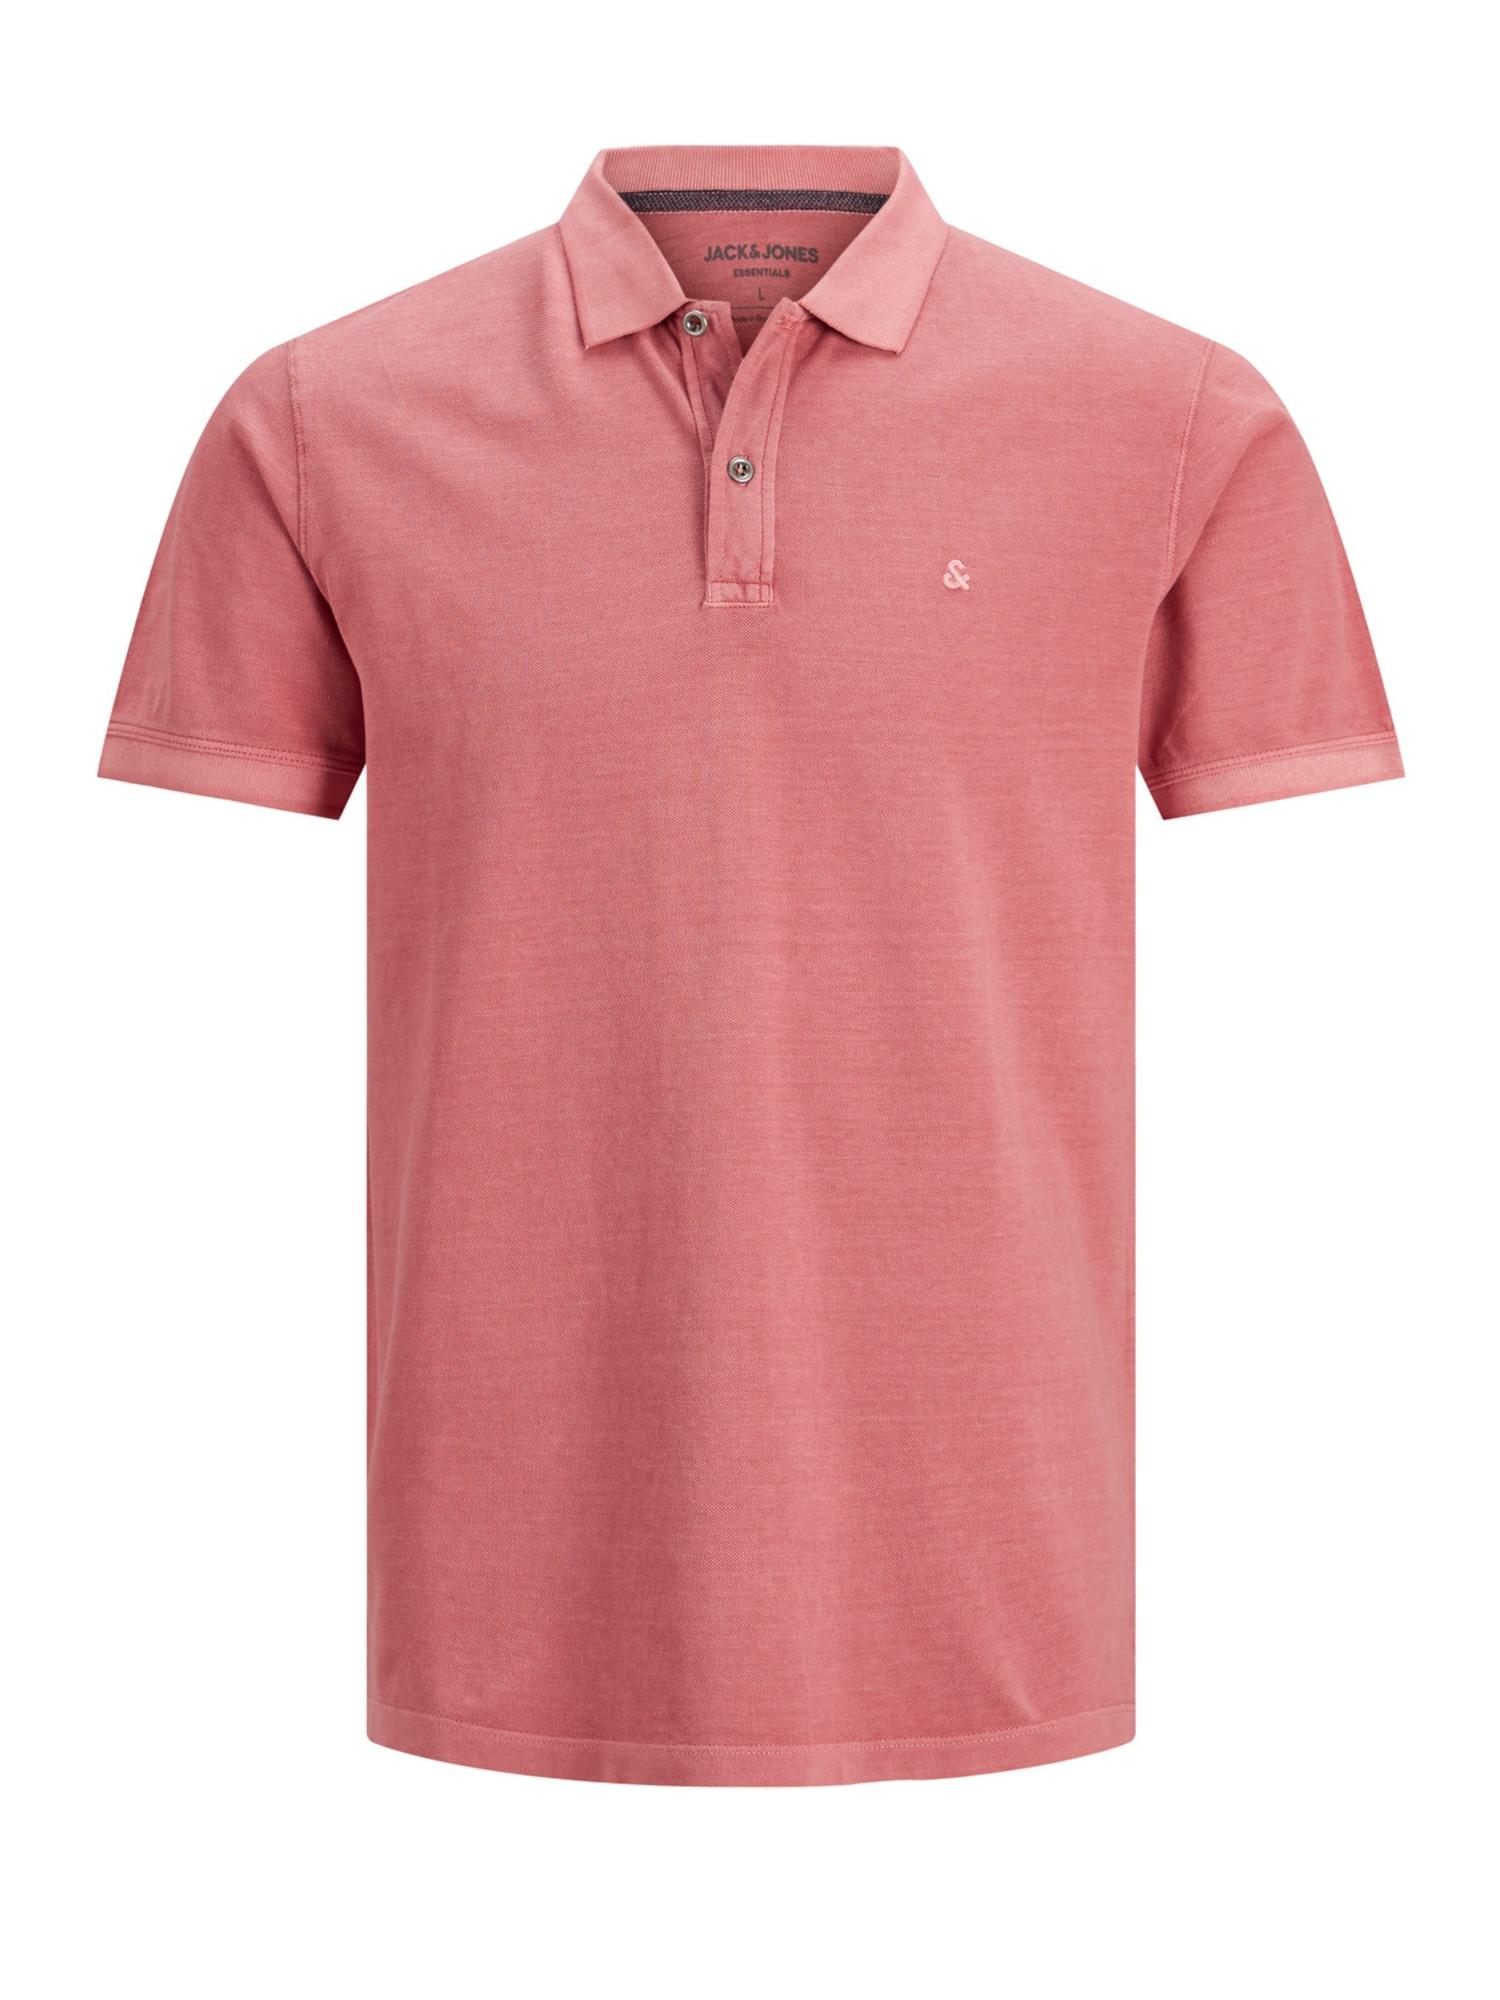 JACK & JONES Marškinėliai rožinė